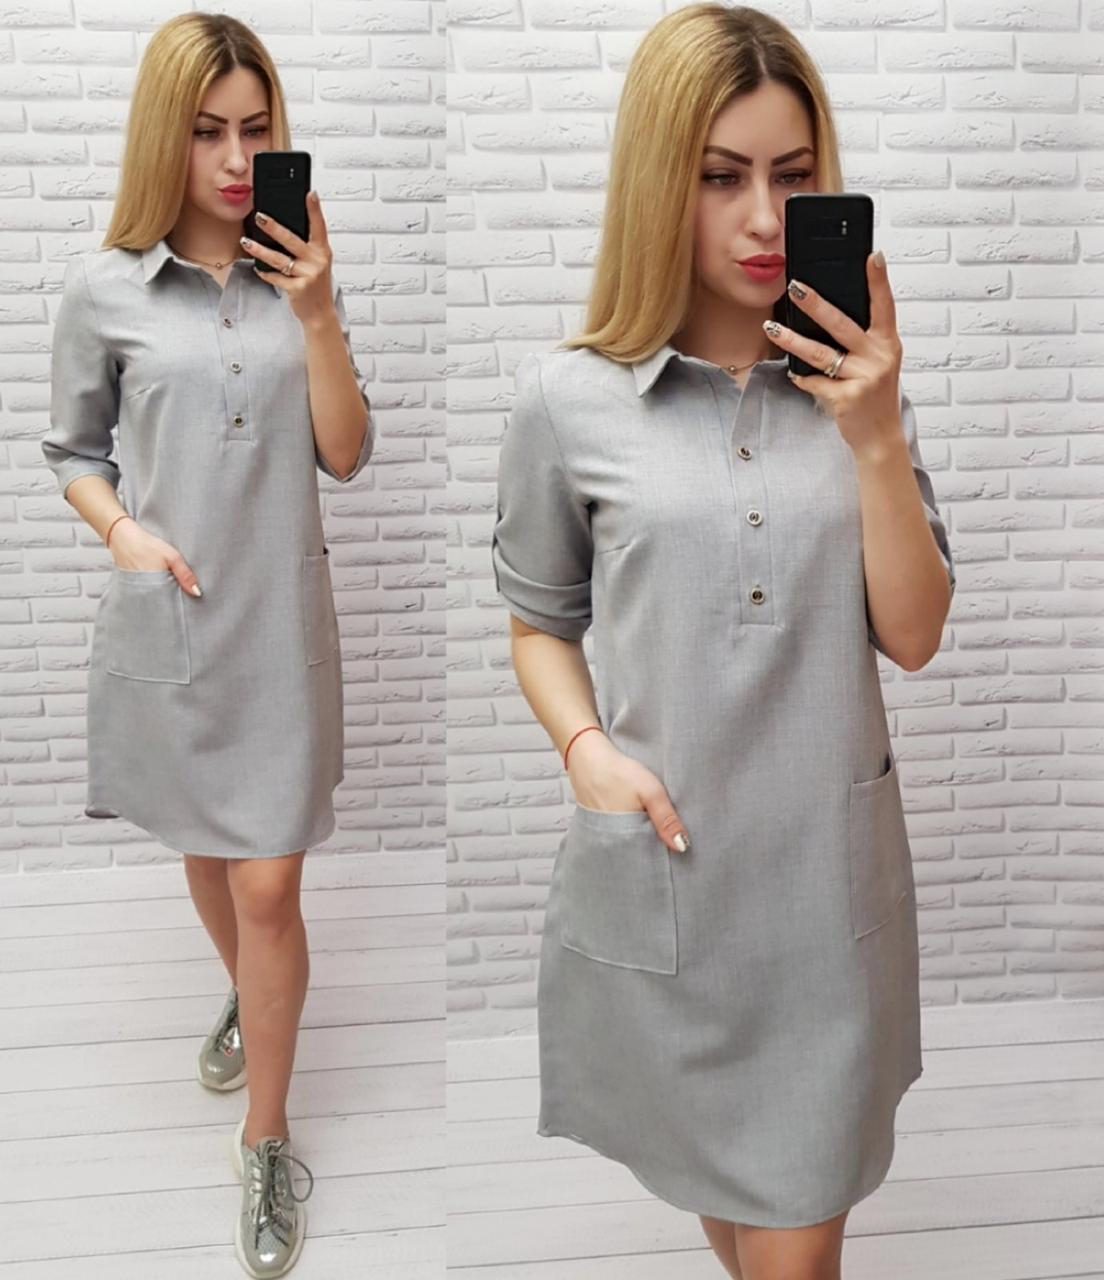 Арт831 Бавовняне плаття-сорочка з кишенями однотон, сірий/ сірий/ світло-сірий